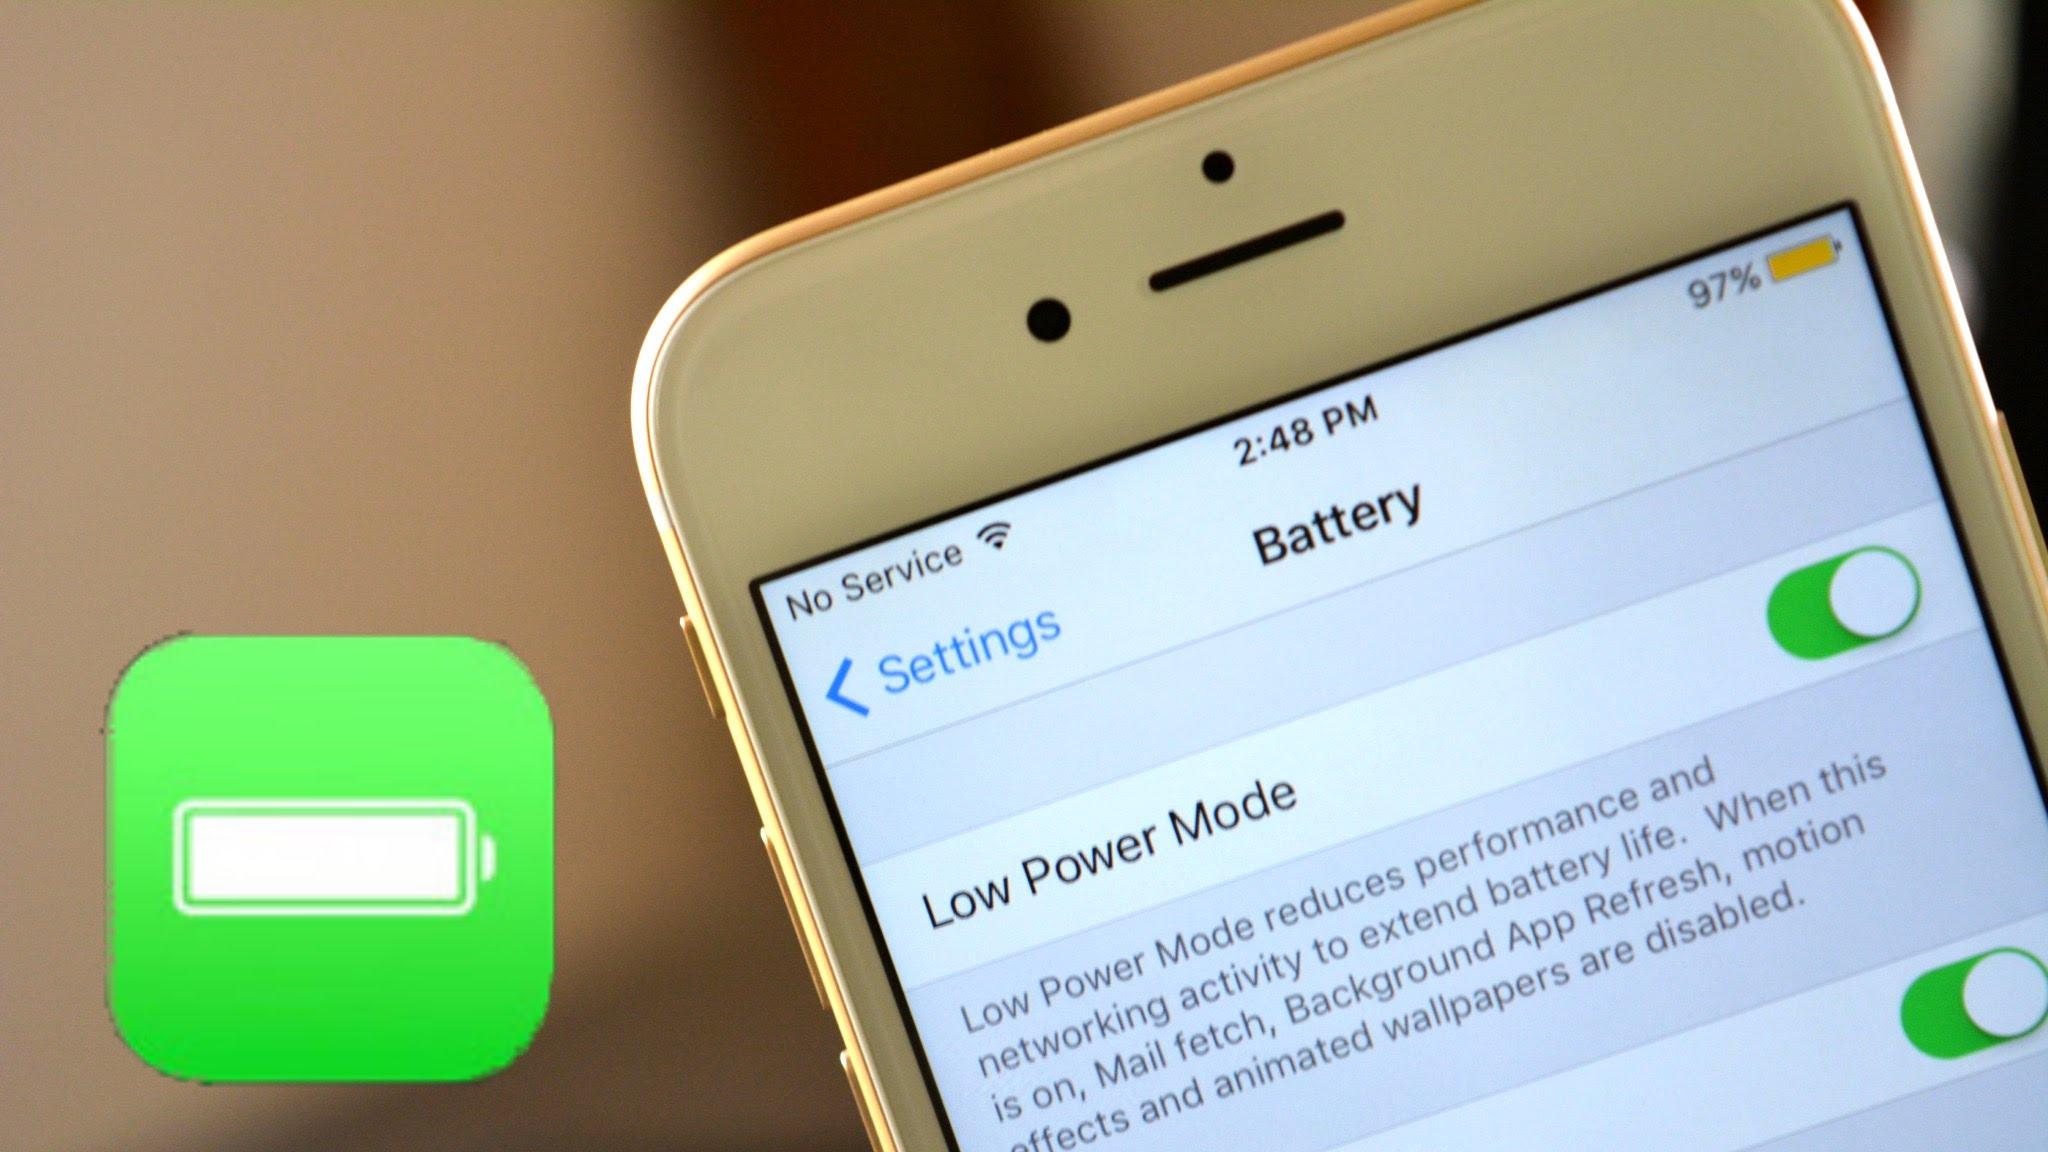 ios9 low power mode 1 - Hướng dẫn bật chế độ tiết kiệm năng lượng trên iOS 9